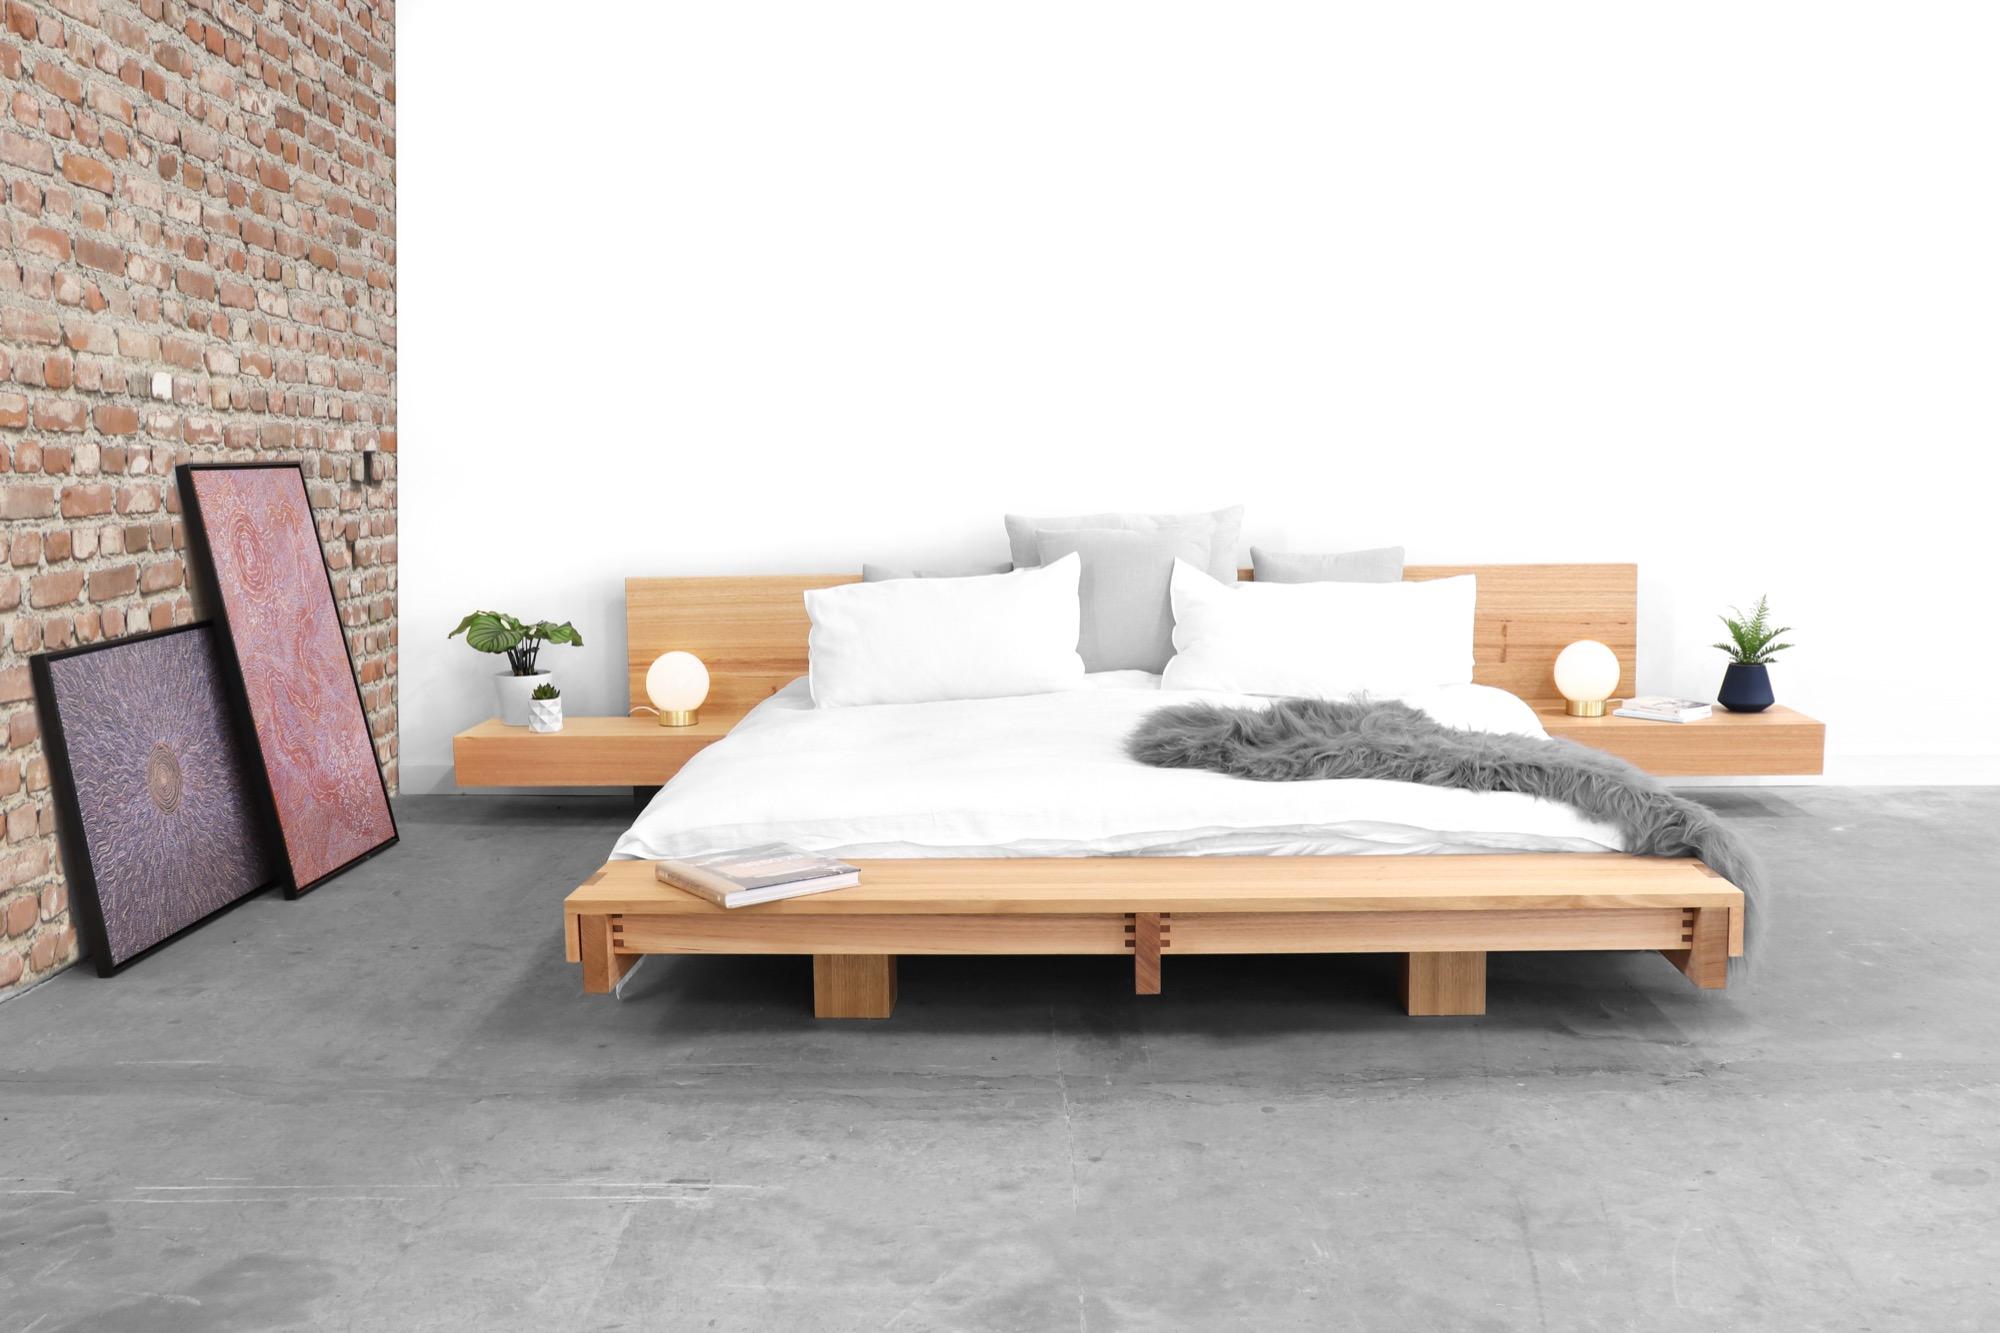 NYX Bed by Sawdust Bureau_01